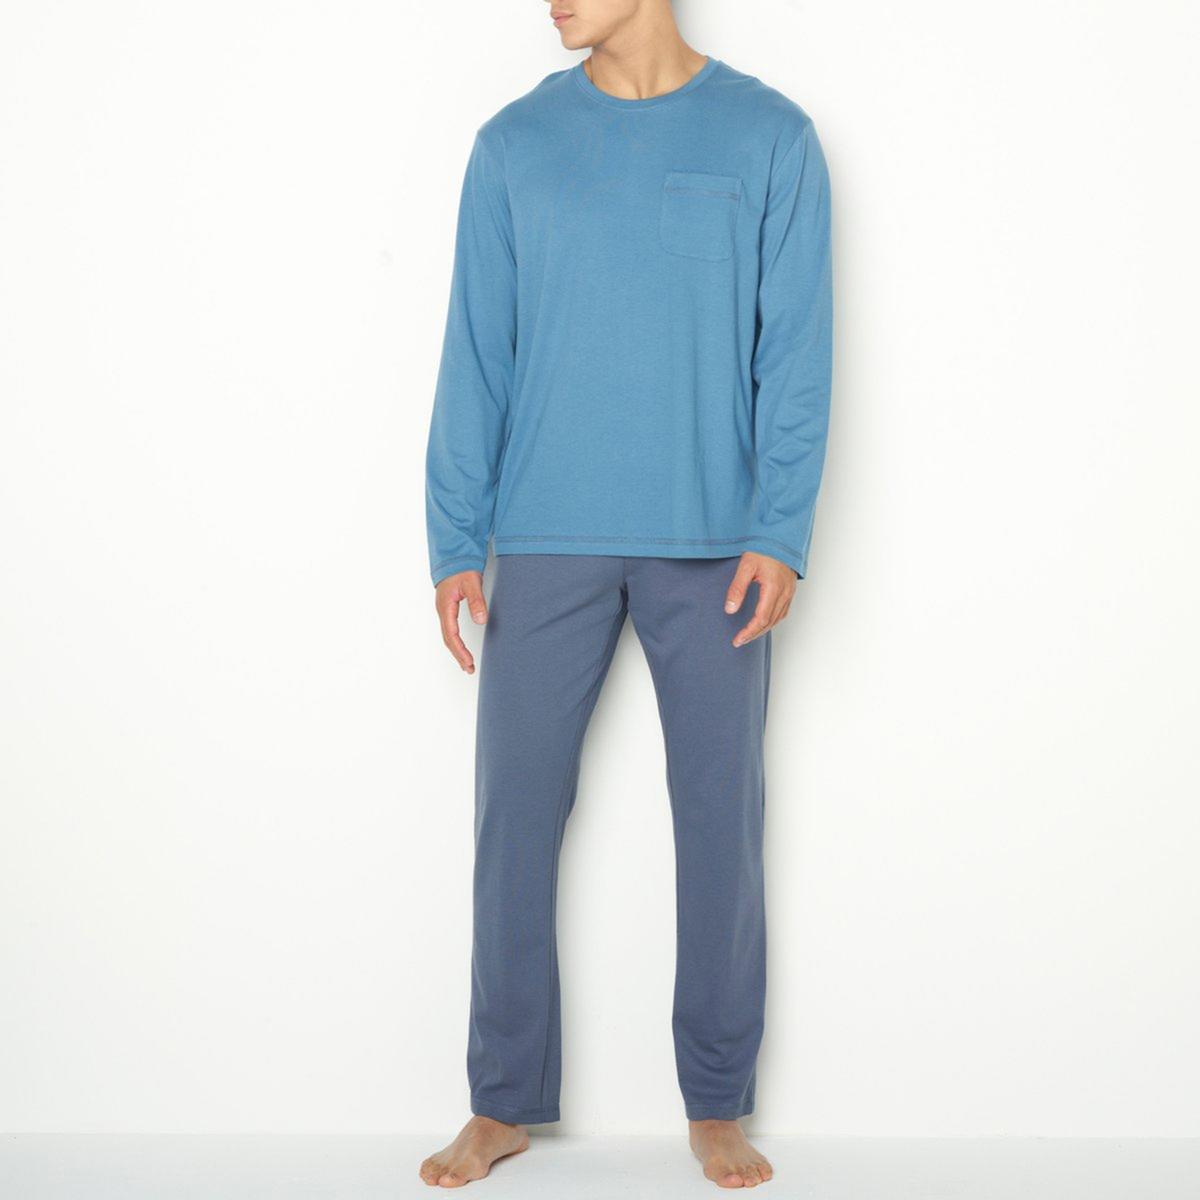 ПижамаДжерси, 100% хлопка. Футболка с длинными рукавами, круглым вырезом, нагрудным карманом и контрастной строчкой. Брюки с эластичным поясом.<br><br>Цвет: серый/ антрацит,синий/ темно-синий<br>Размер: S.XXL.XXL